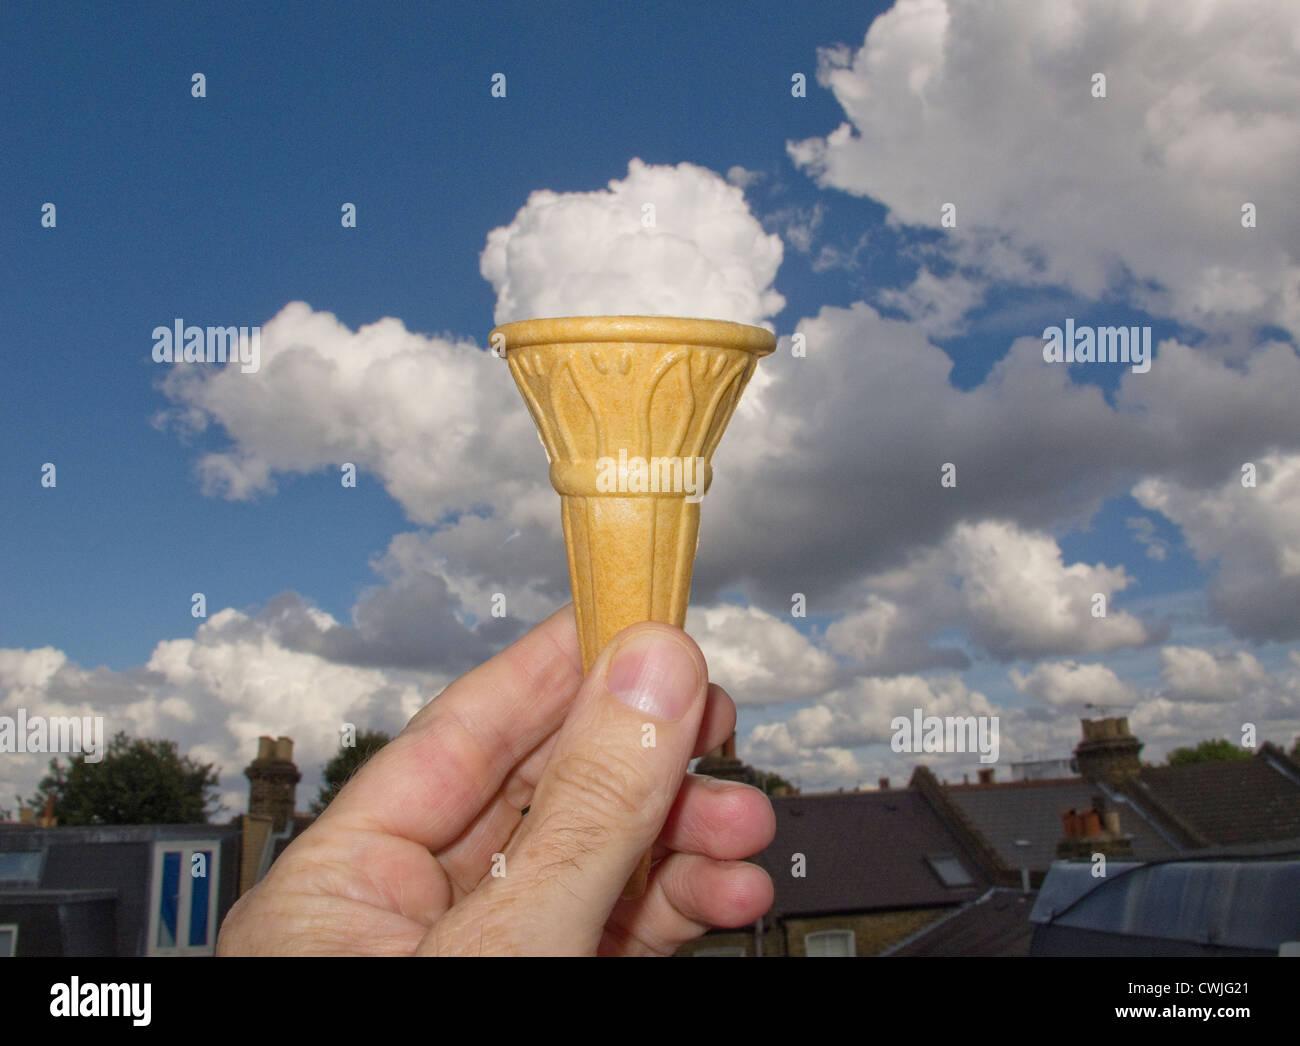 Una mano sujetando un cucurucho de helado con la nube detrás mirando como es helado Imagen De Stock